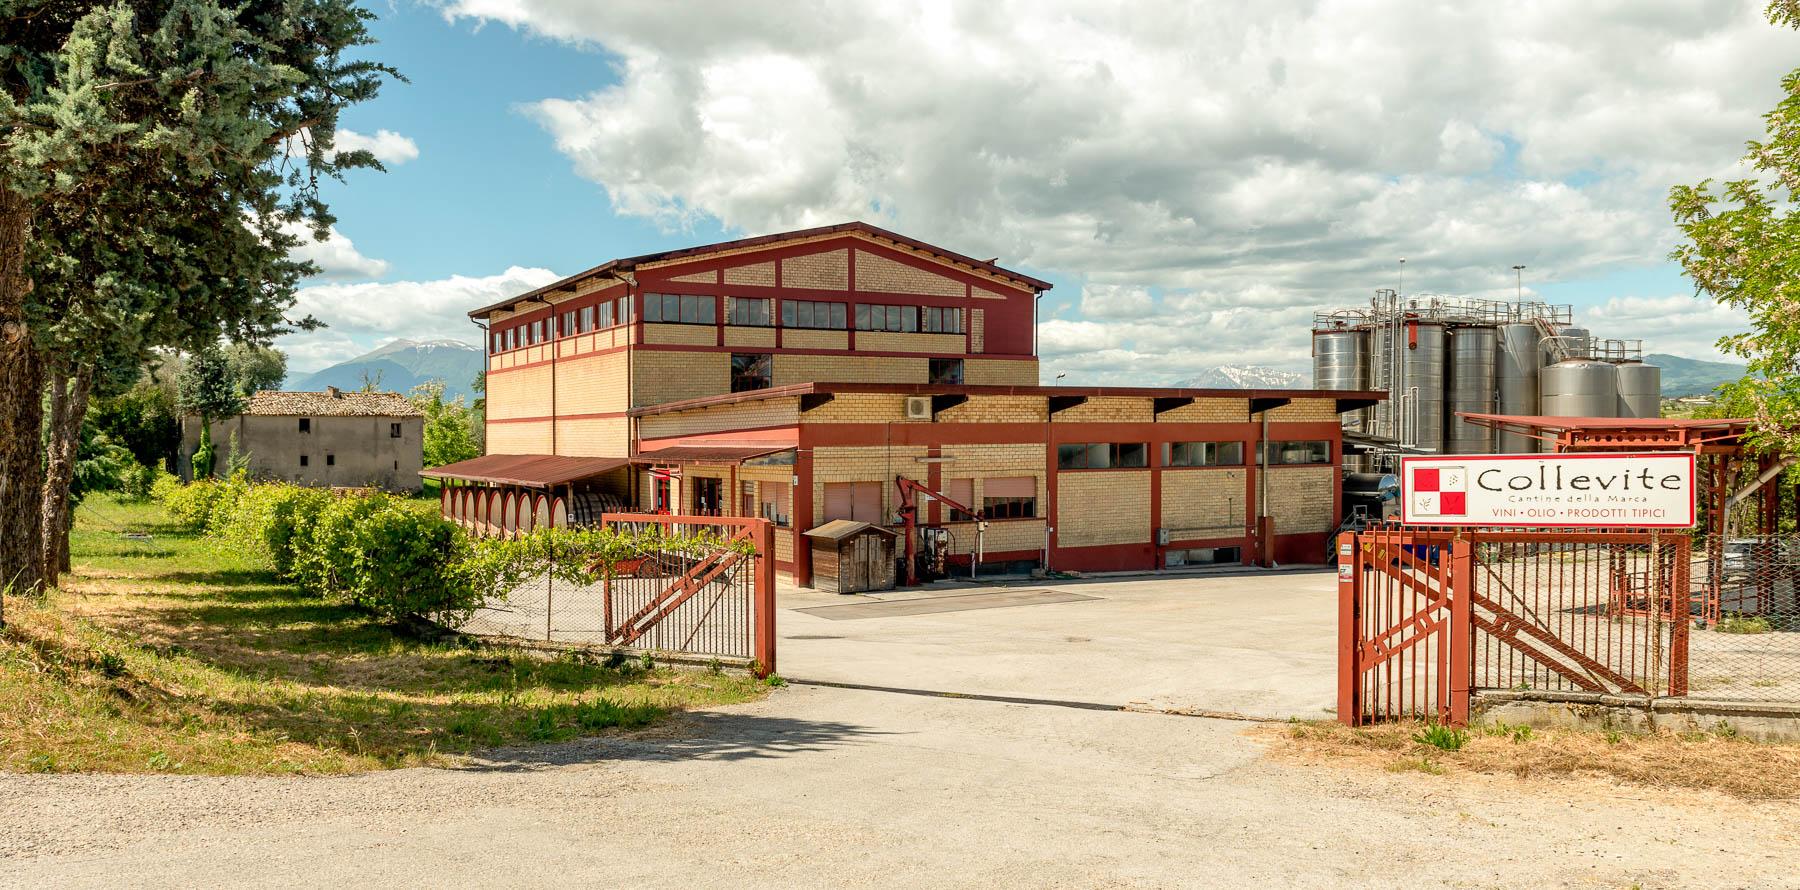 Collevite-cantina-monsampolo